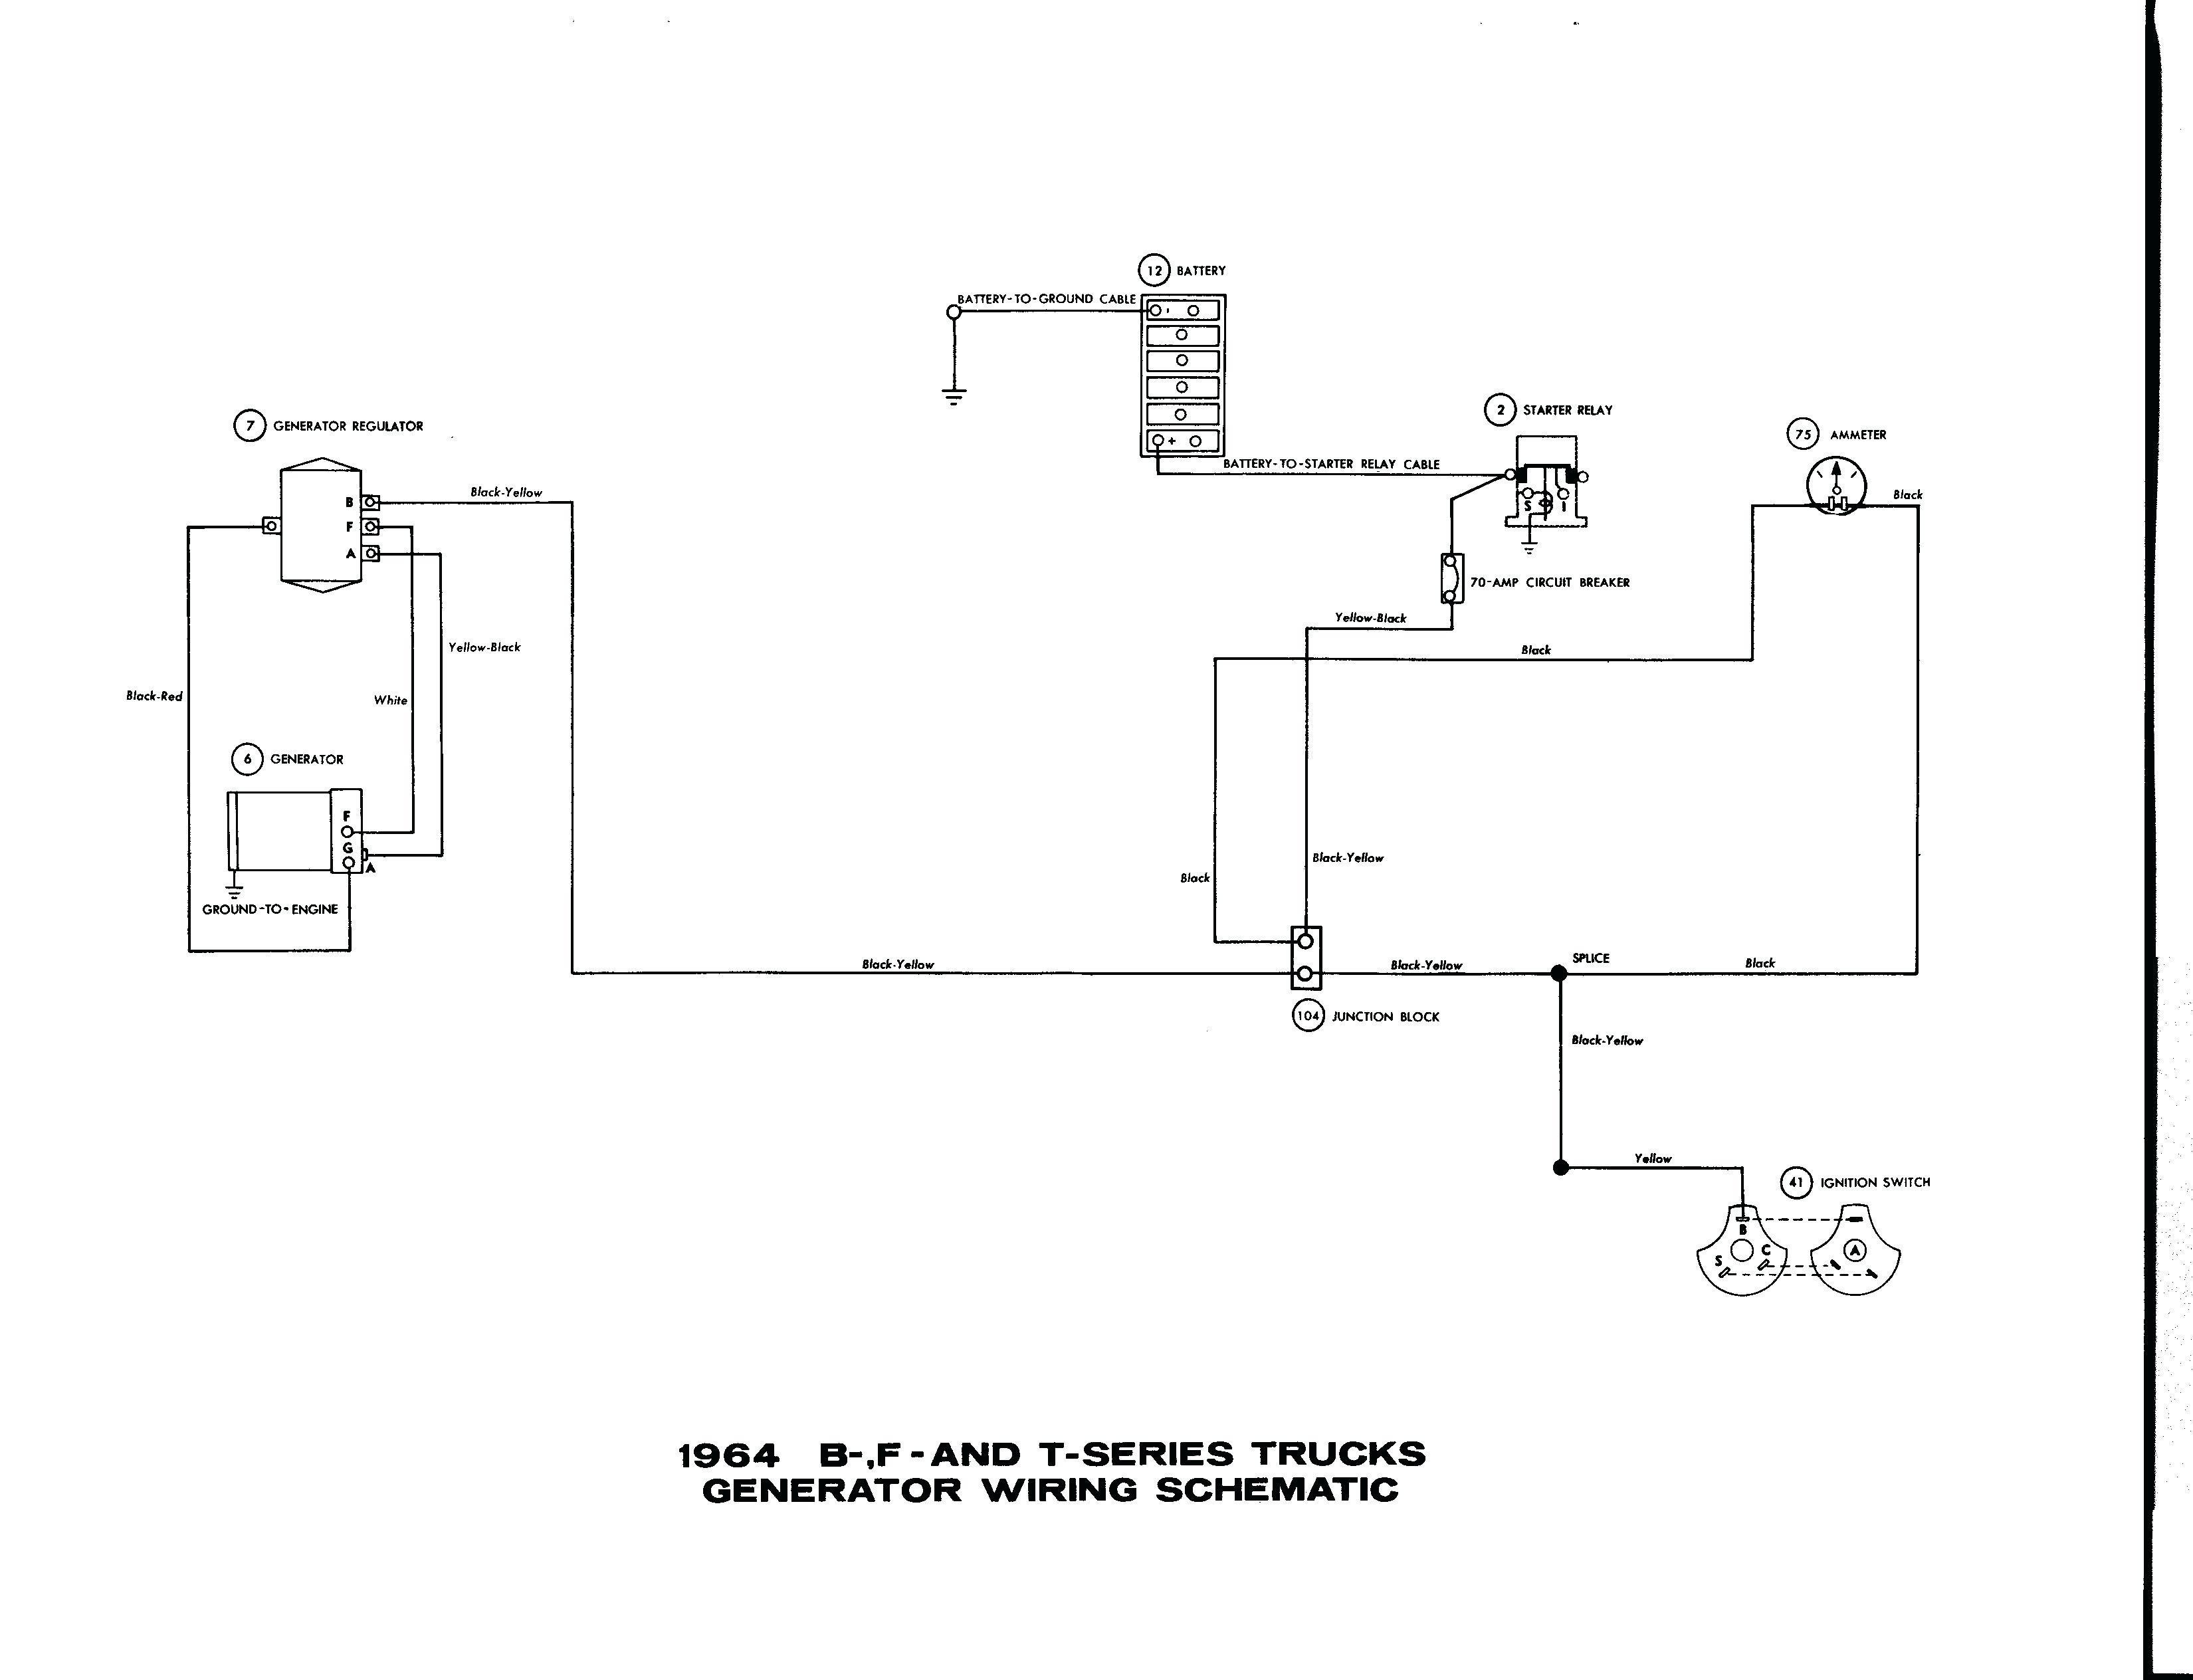 Dewalt Wiring Diagrams - Wiring Schematics on